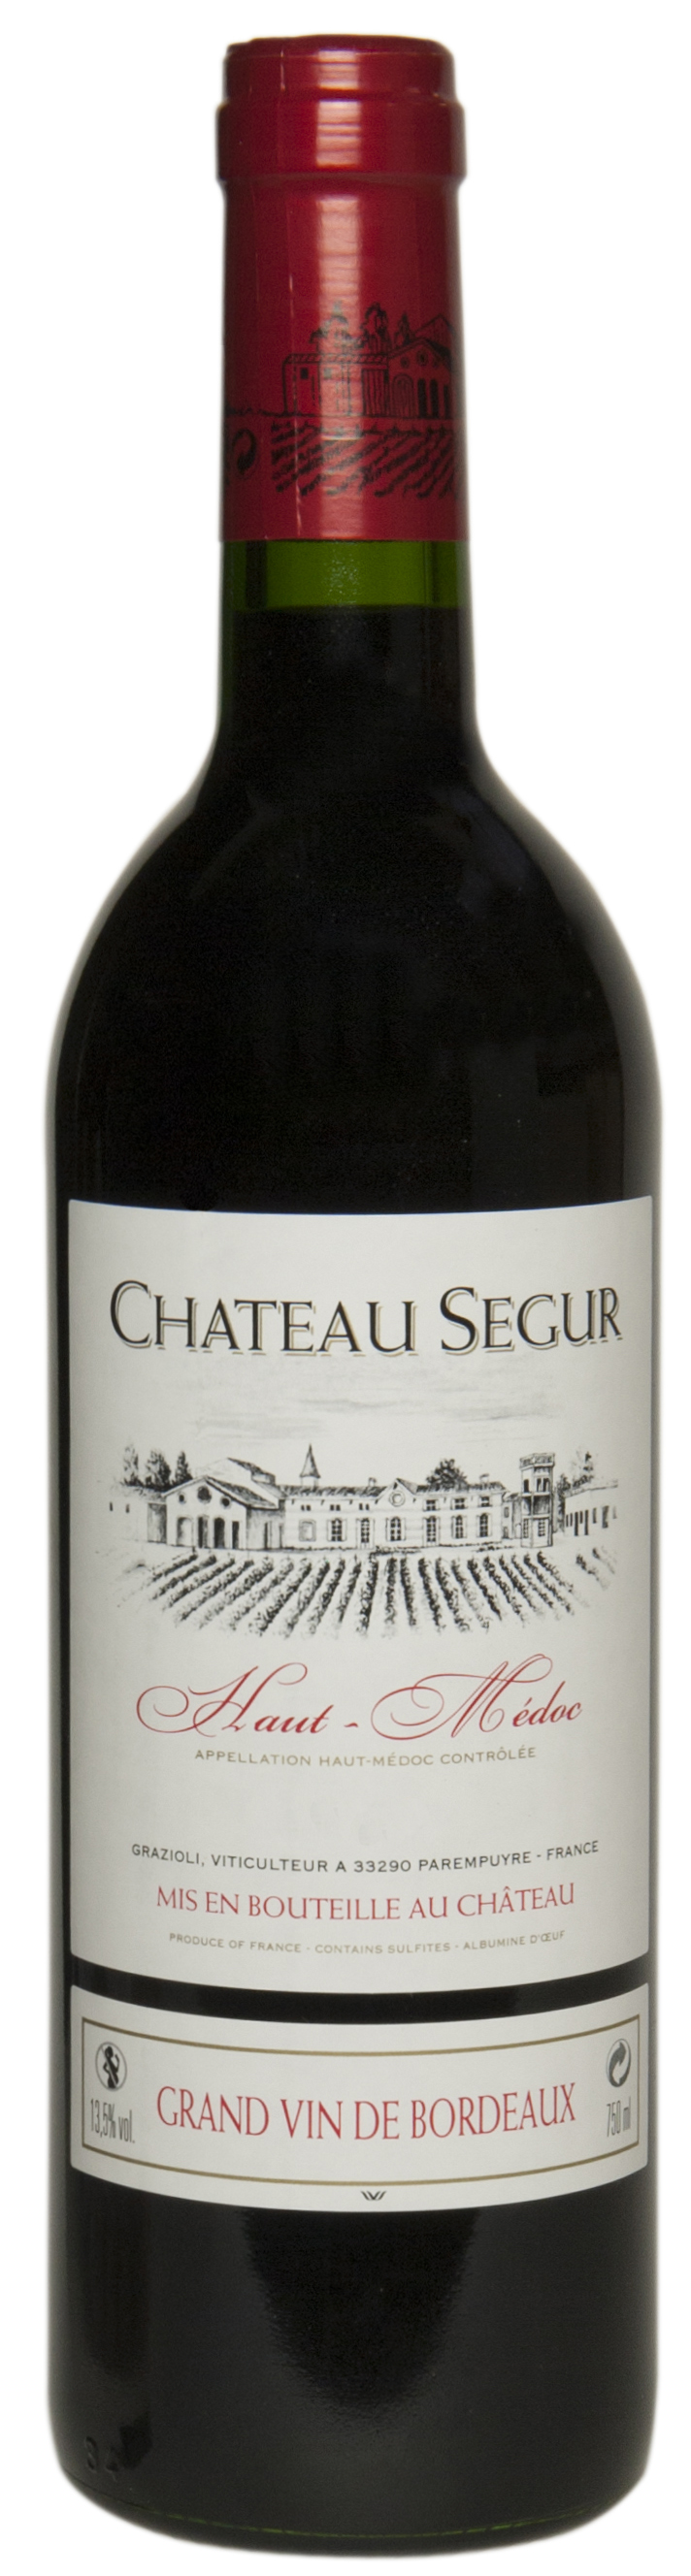 Château Segur, Grand Vin de Bordeaux